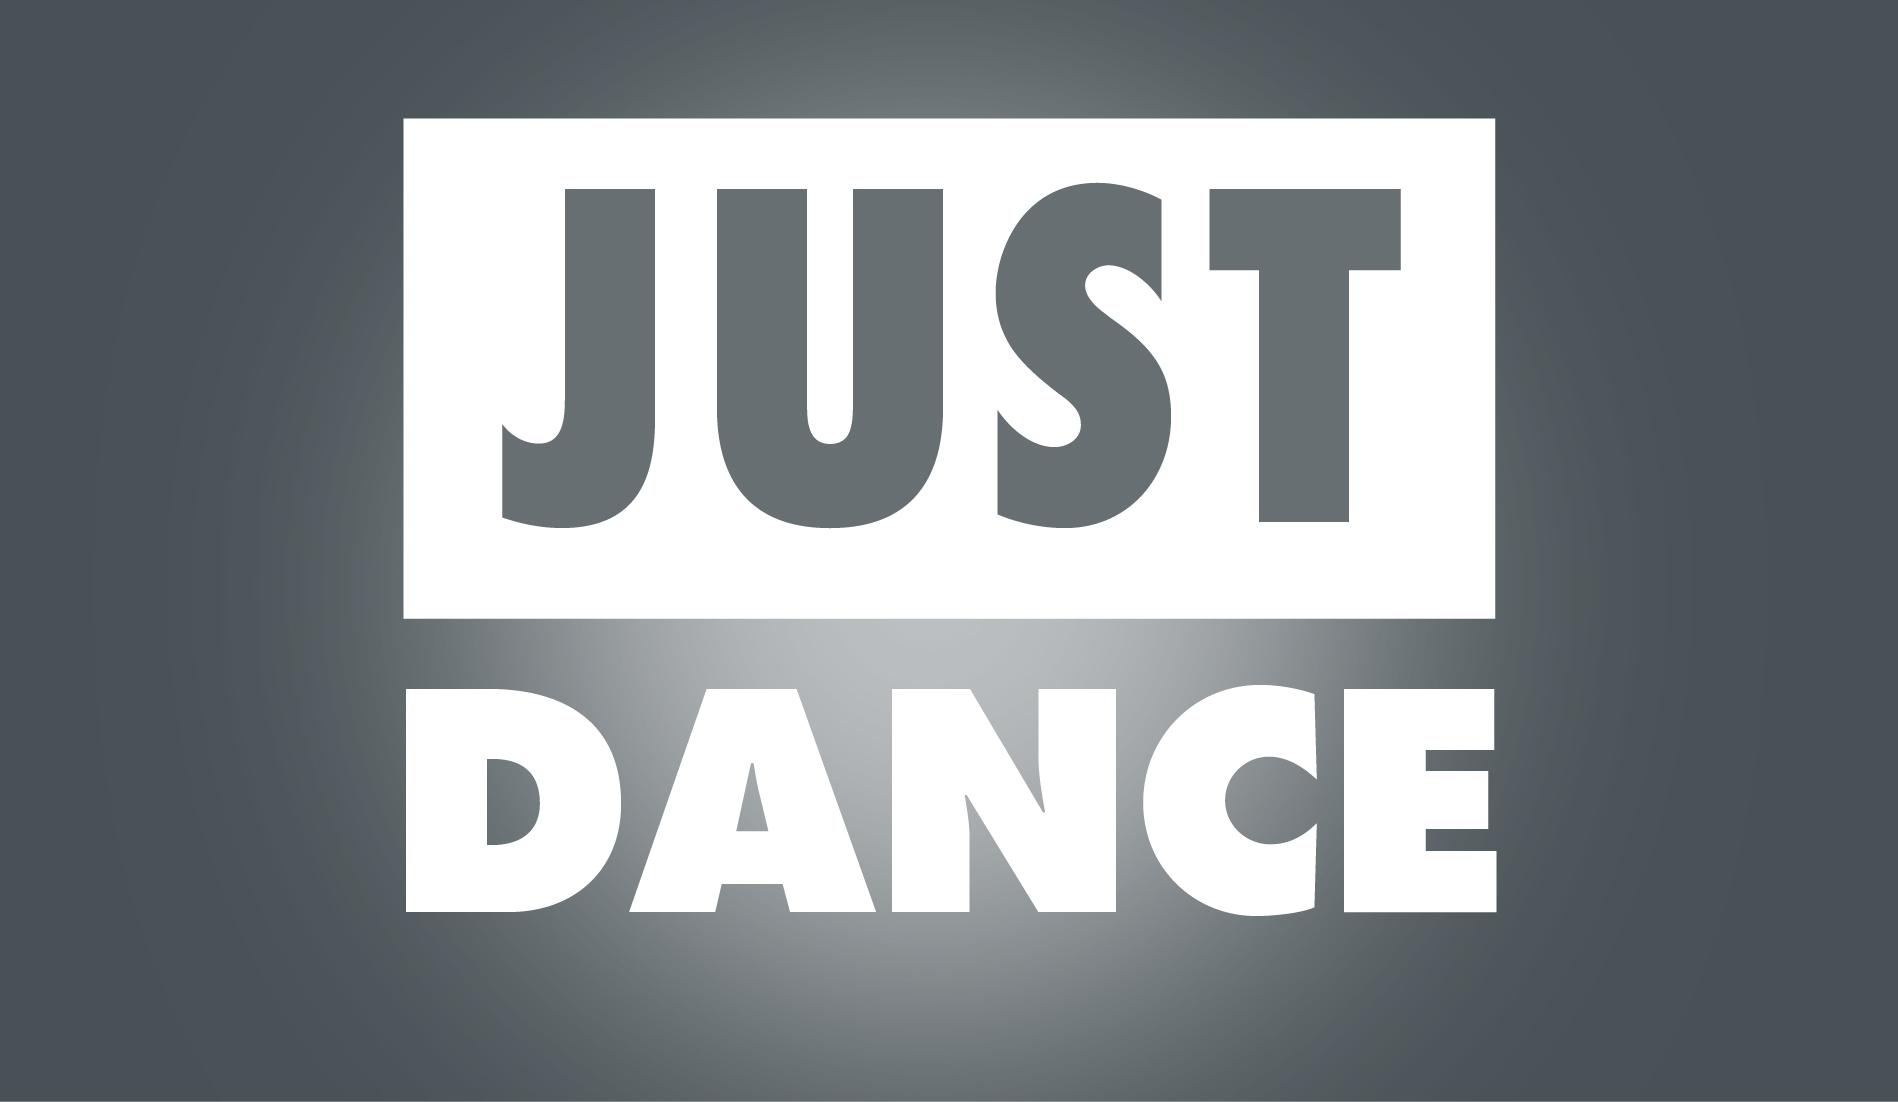 dance_quote_muge_3-b.jpg